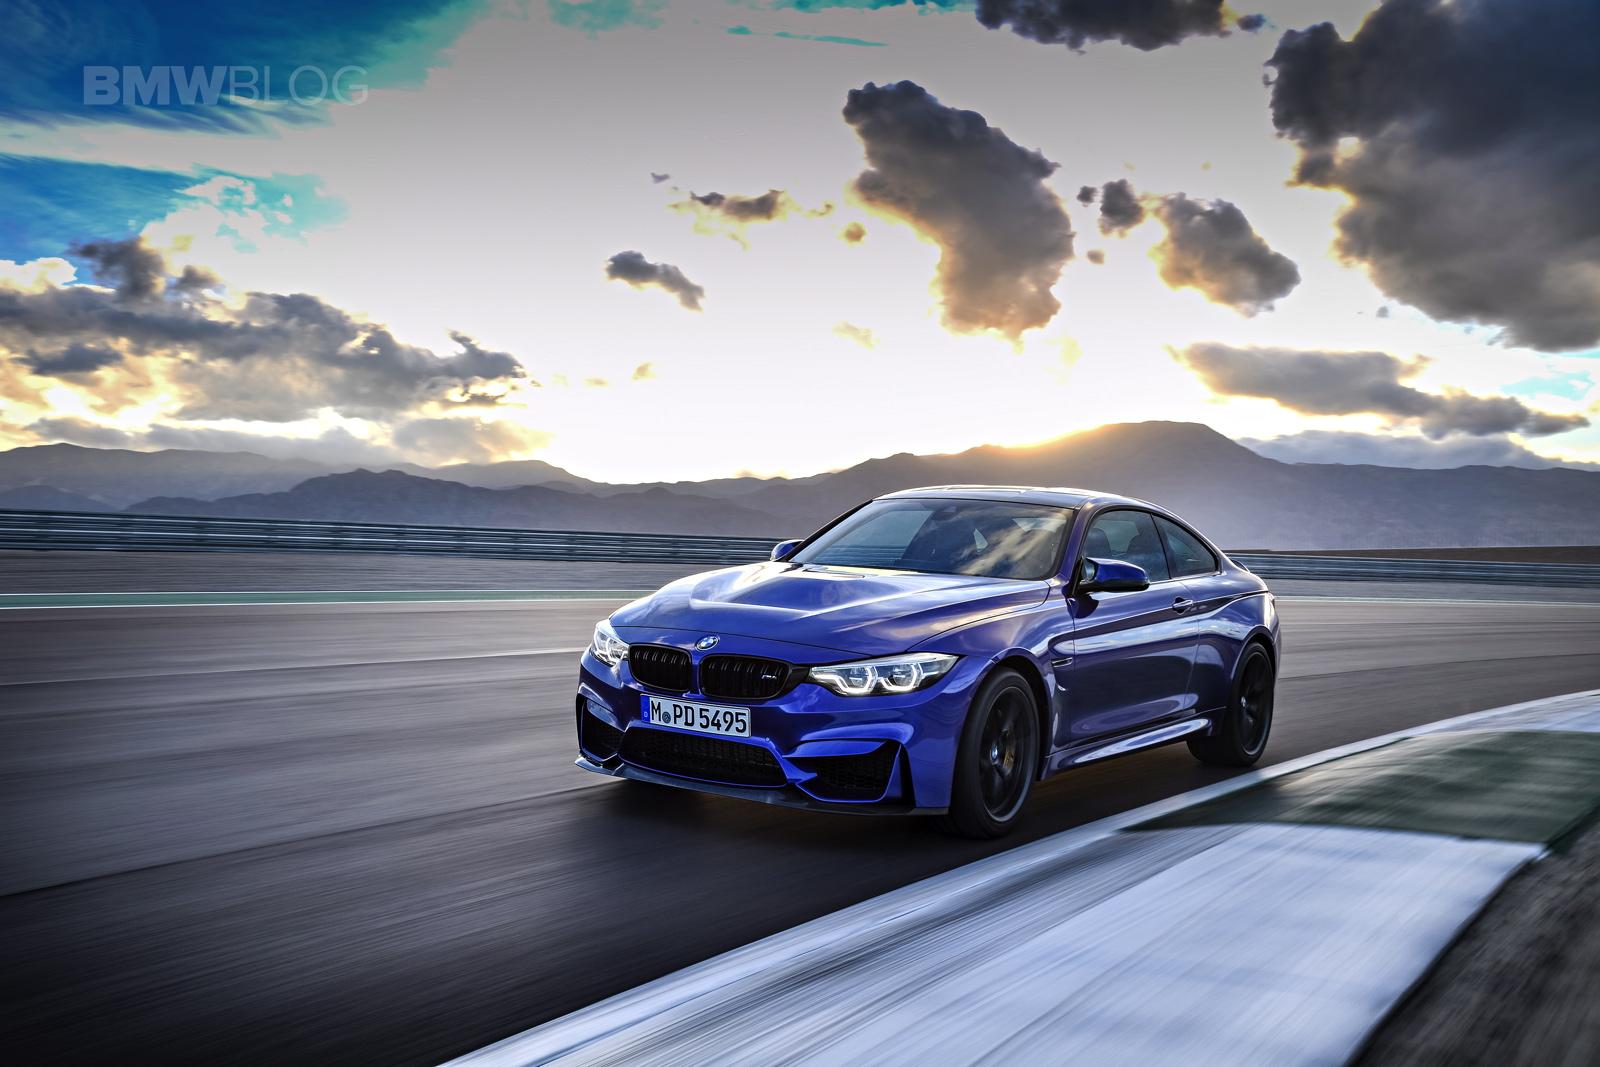 2018 BMW M4 CS 29